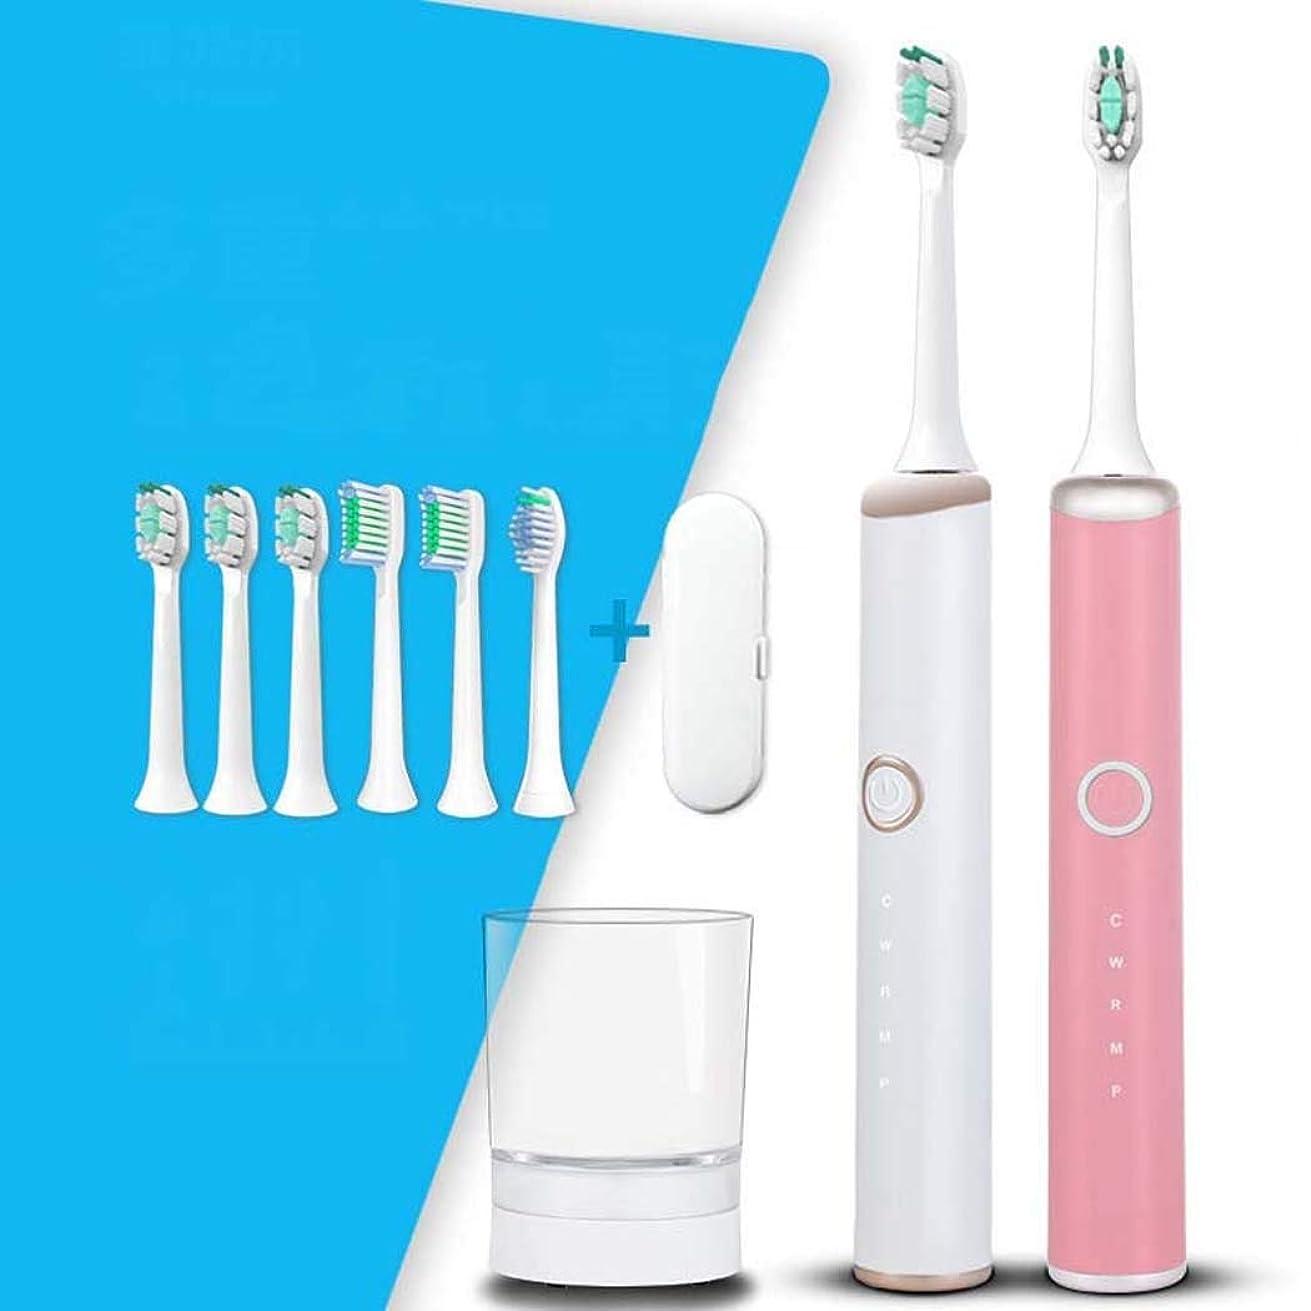 たっぷり結婚する句読点電動歯ブラシ、ソニック電動歯ブラシ、家庭用大人用自動歯ブラシ、ミュート防水、スマートワイヤレス誘導充電(カラー:ホワイト)